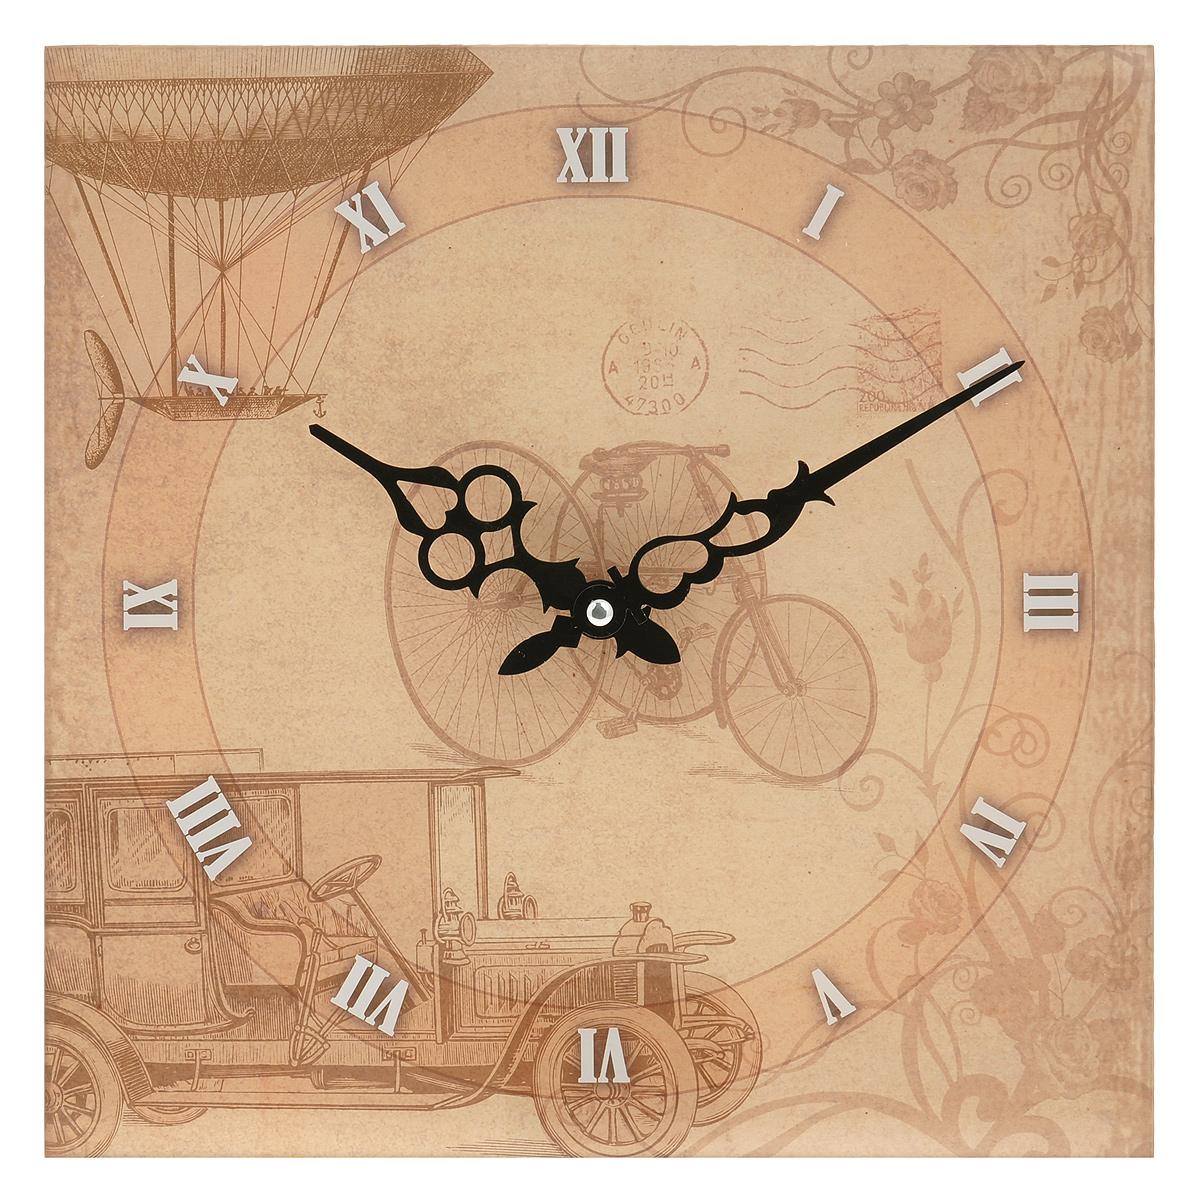 Часы настенные Велосипед, кварцевые. 2779727797Настенные кварцевые часы Велосипед своим эксклюзивным дизайном подчеркнут оригинальность интерьера вашего дома. Часы выполнены из стекла и оформлены изображением велосипеда и машины. Тип индикации - римские цифры. Часы имеют две фигурные стрелки - часовую и минутную. С задней стороны имеется петелька для подвешивания на стену. Для кухни, гостиной, прихожей или дачи - вы обязательно найдете ту модель, которая вам понравится. Часы работают от одной батарейки типа АА мощностью 1,5V (в комплект не входит). Диаметр циферблата: 26,5 см. Размер корпуса (ДхШ): 30 см х 30 см. Внимание! Уважаемые клиенты, обращаем ваше внимание на тот факт, что циферблат часов не защищен стеклом!